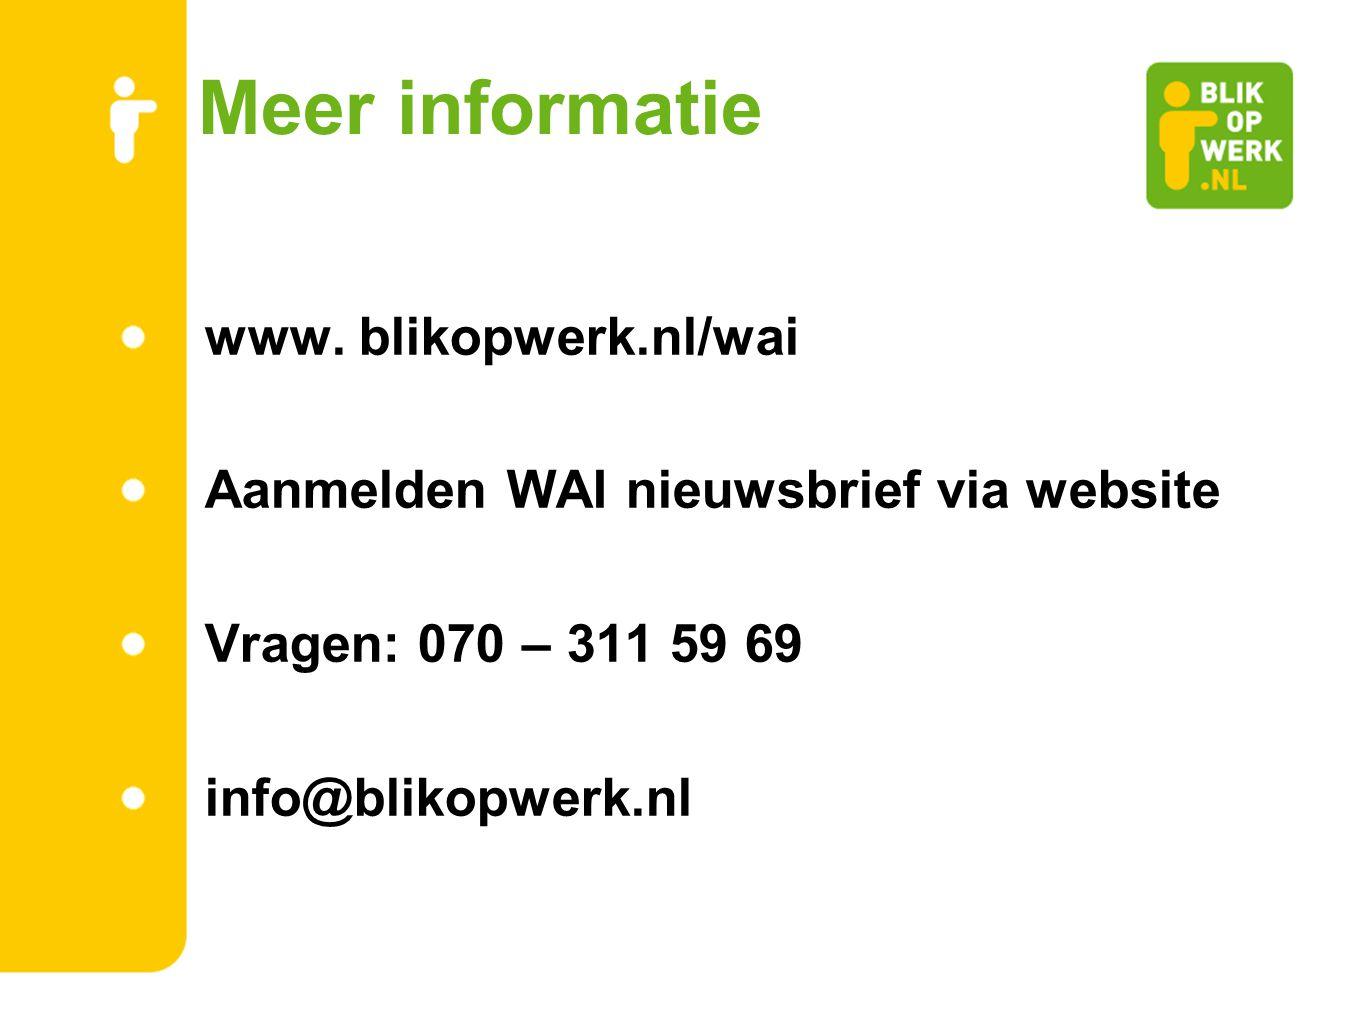 Meer informatie www. blikopwerk.nl/wai Aanmelden WAI nieuwsbrief via website Vragen: 070 – 311 59 69 info@blikopwerk.nl